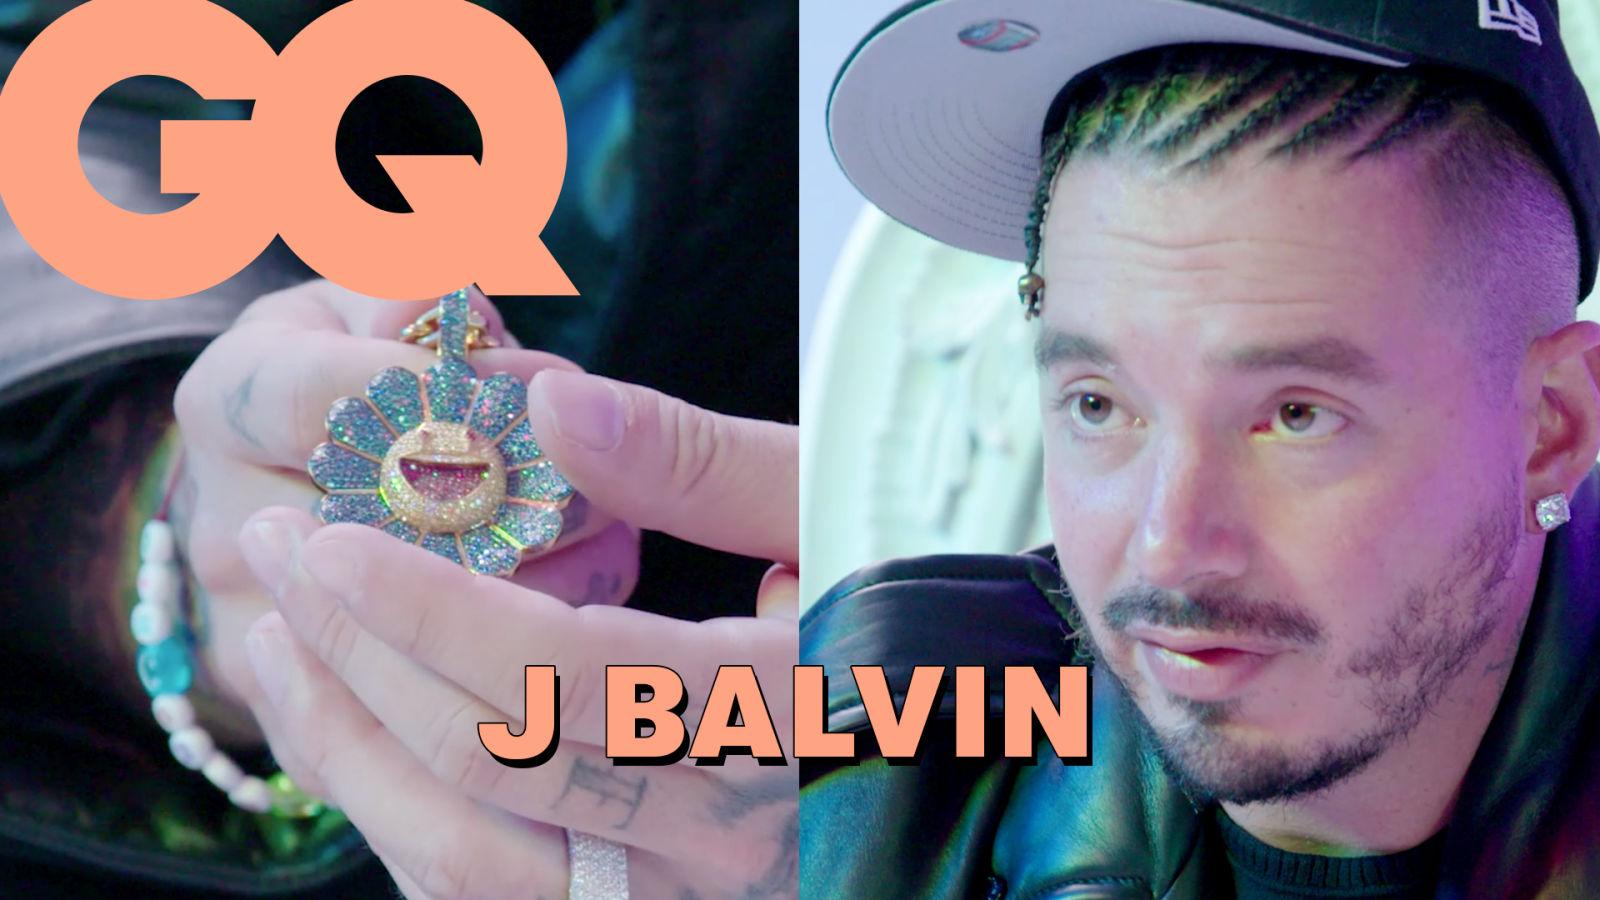 J Balvin dévoile son incroyable collection de bijoux : Medellín, Colores, Murakami